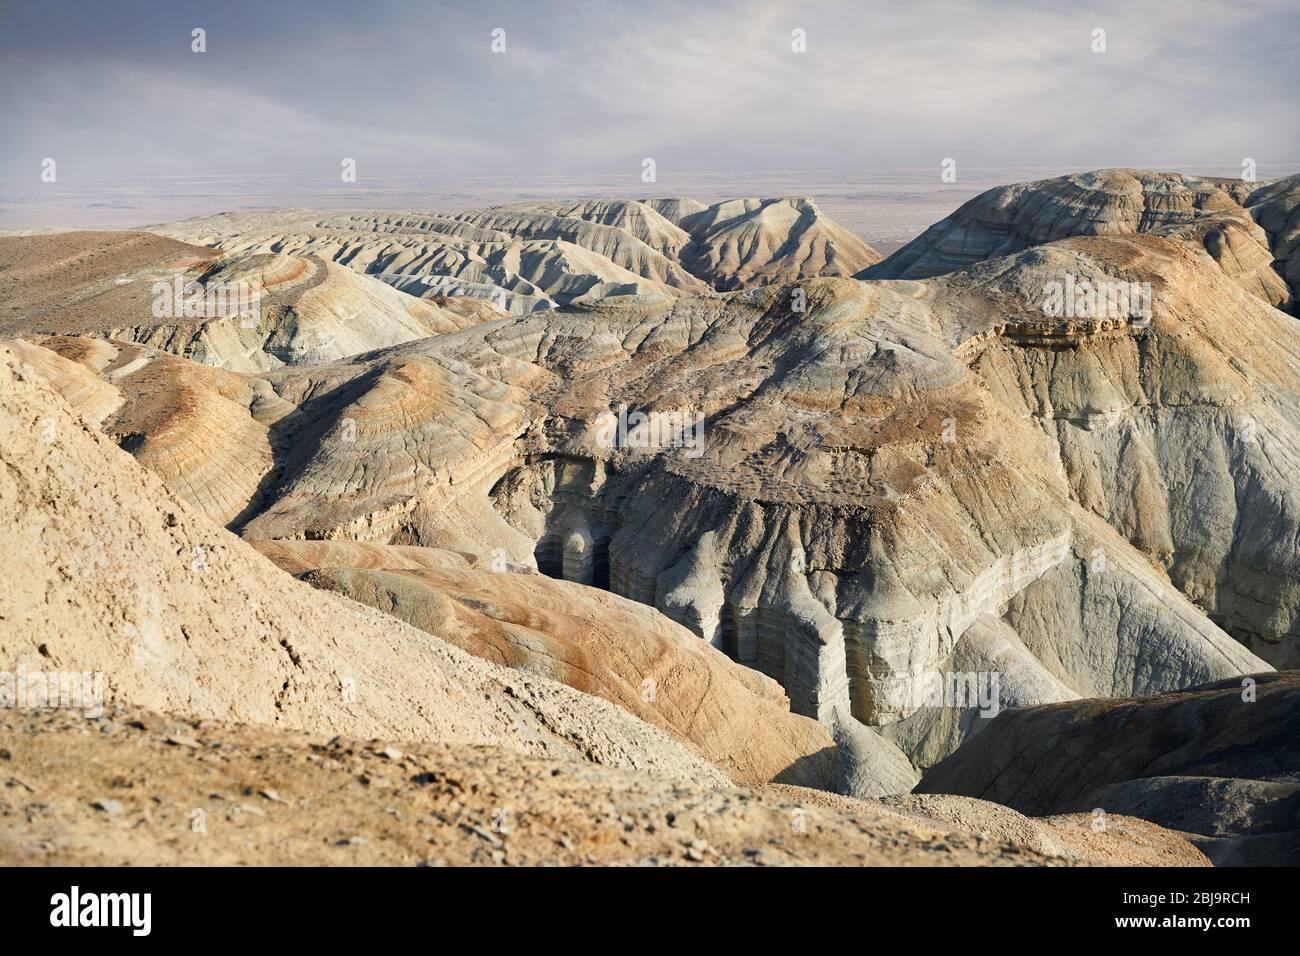 Capas extrañas montañas en el parque desierto Emel Altyn en Kazajstán Foto de stock